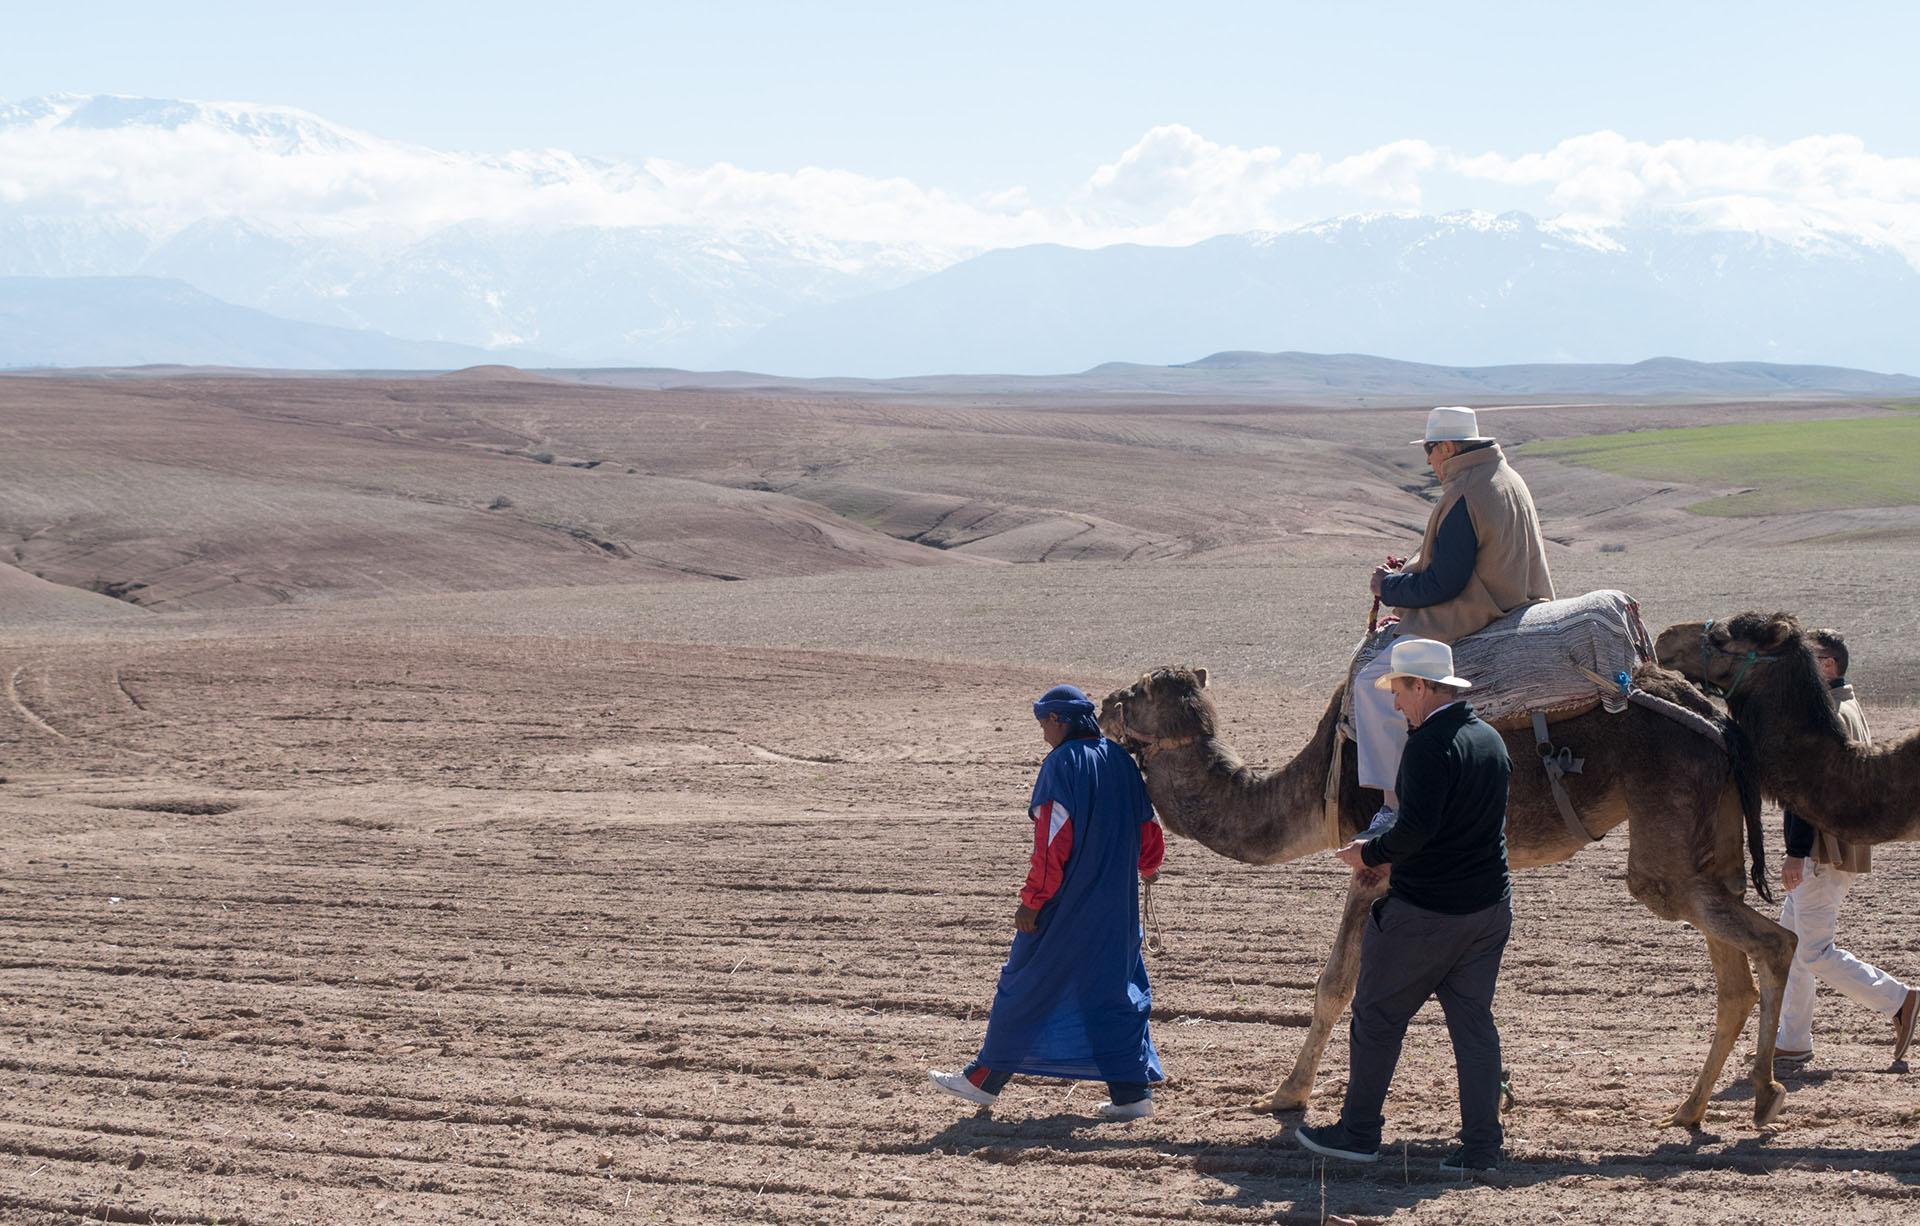 Alberto W. H. Roemmers, padre de Alejandro e hijo del fundador del laboratorio que lleva su nombre, recorrió el desierto montado en un camello